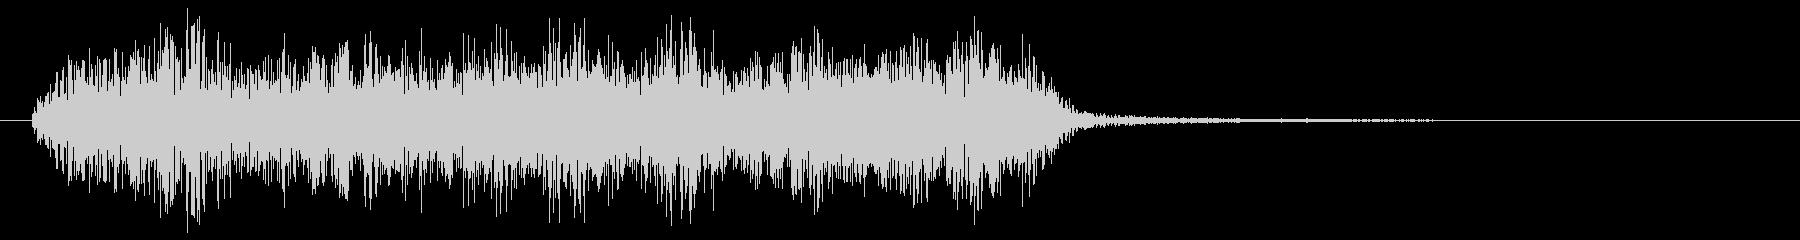 パワーゲージUPの様な上昇する音の未再生の波形